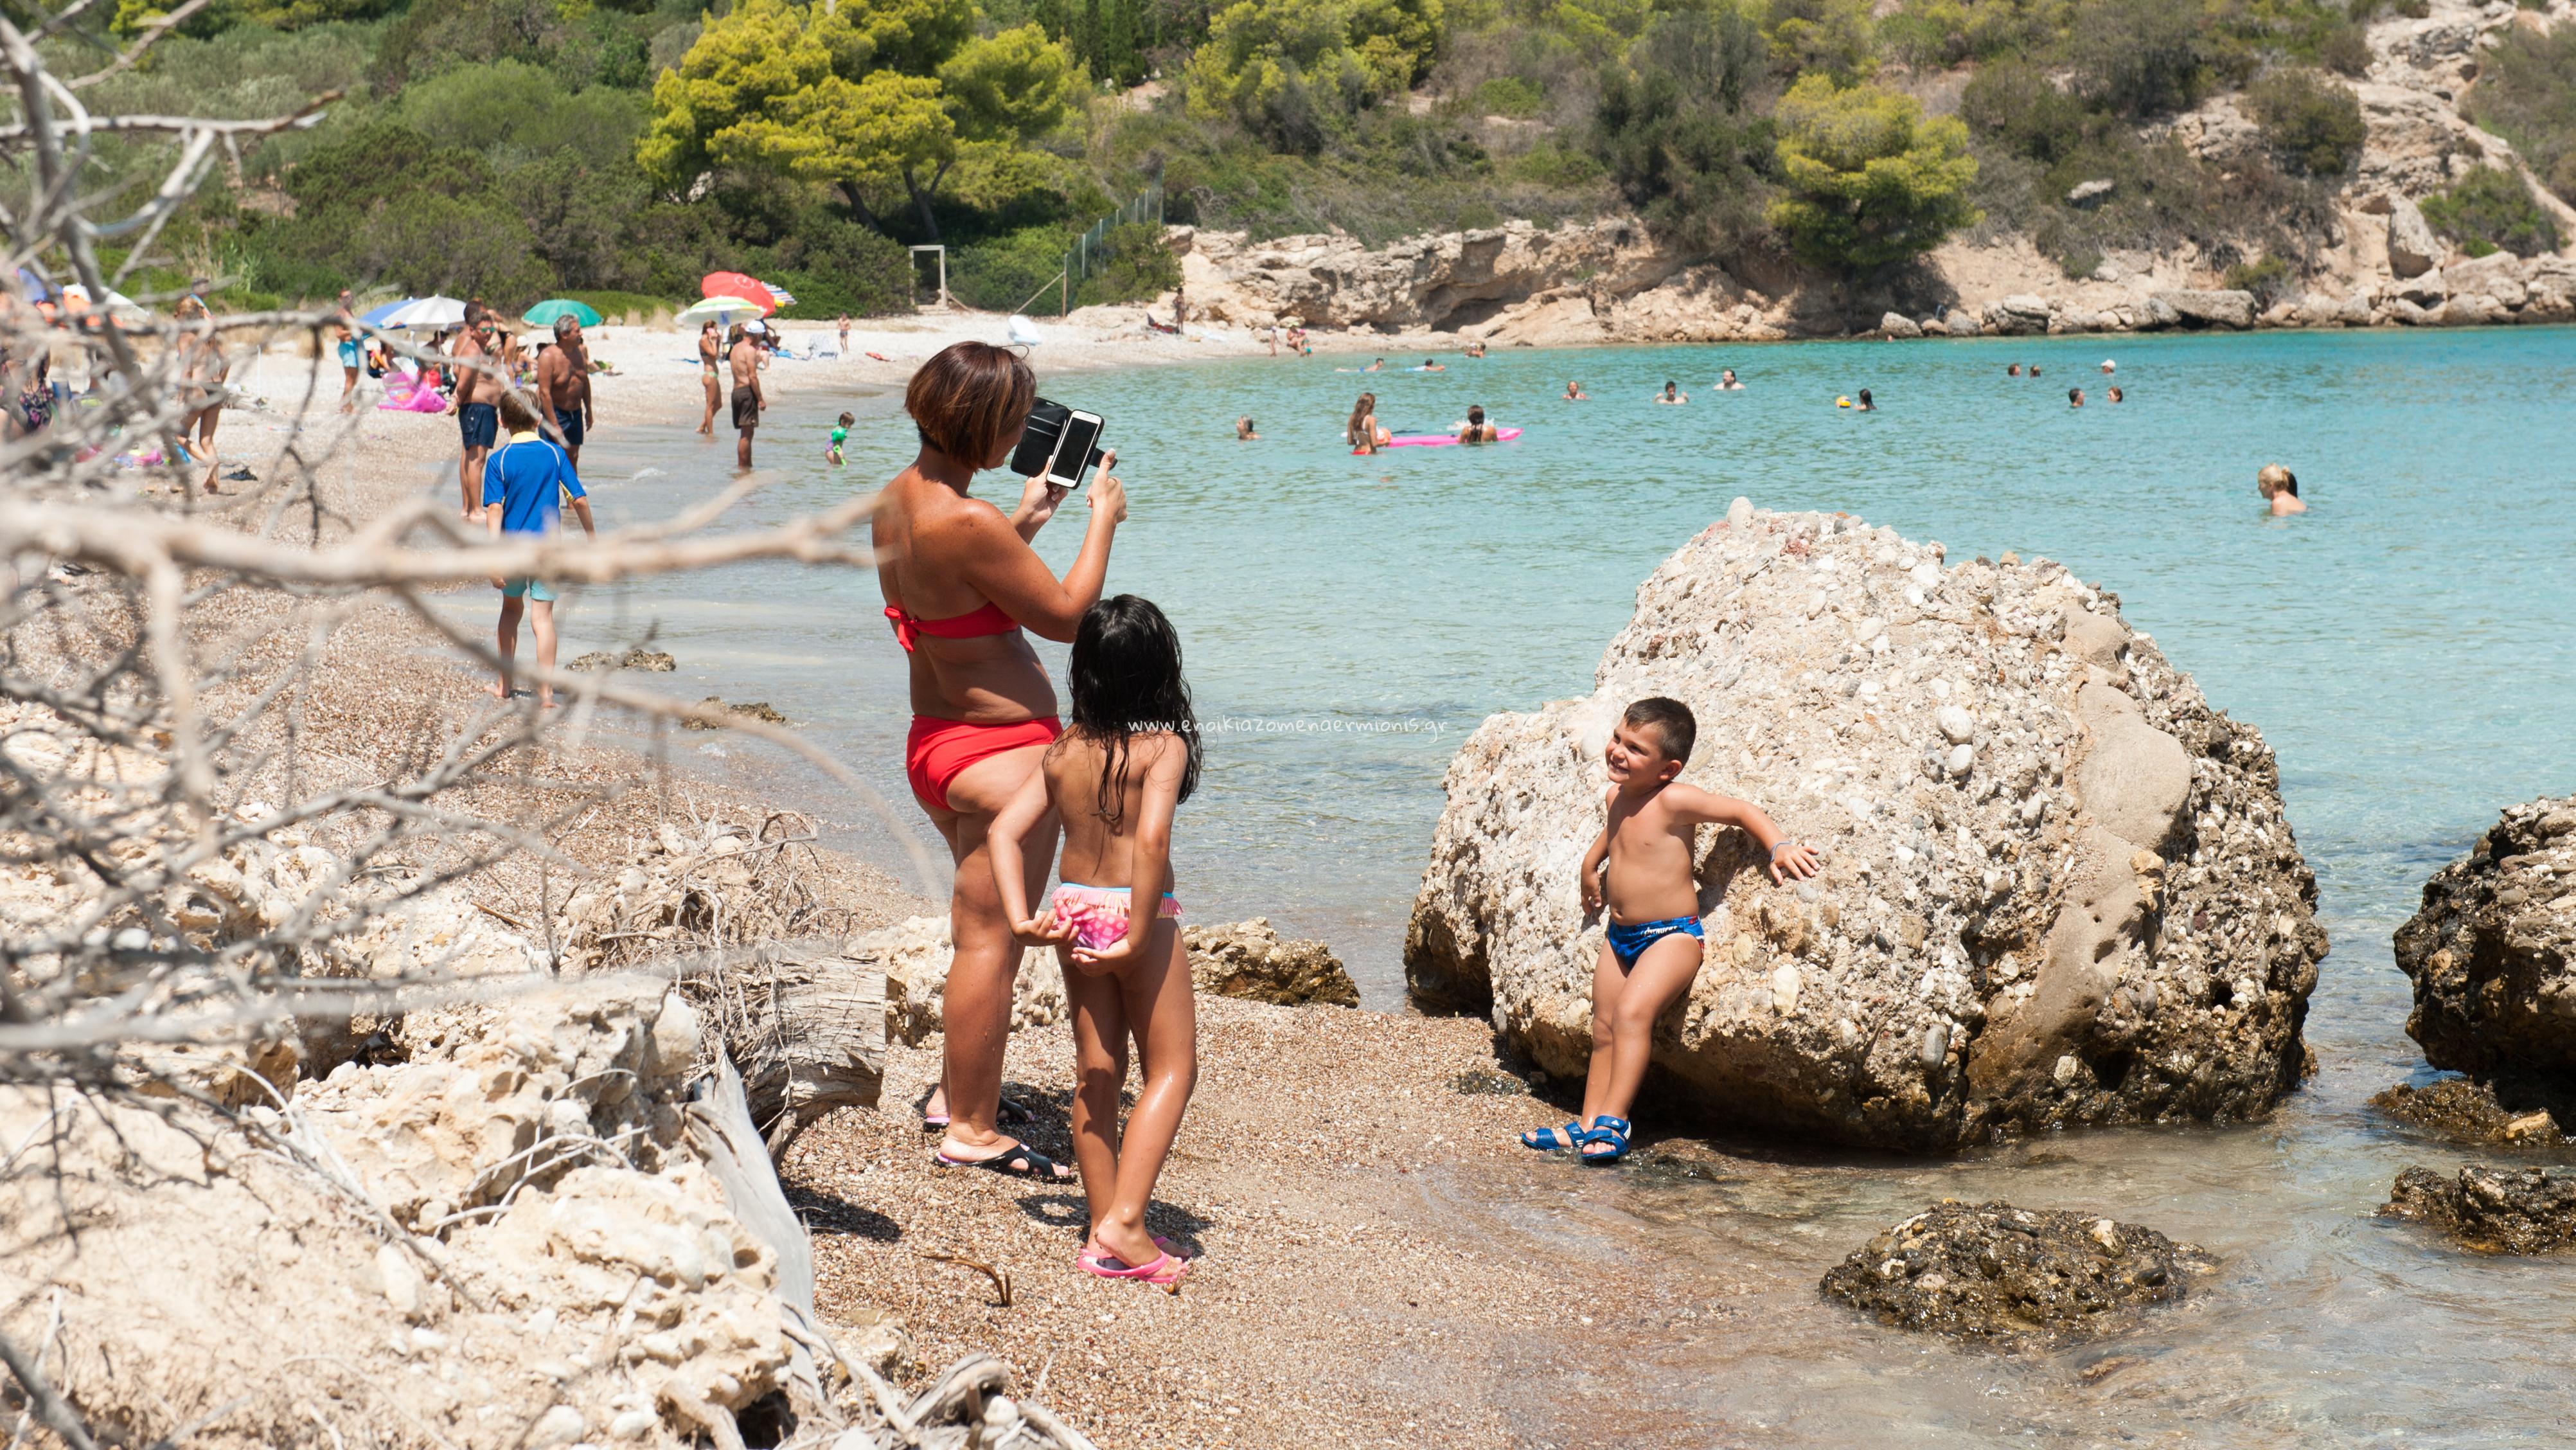 Μάνα φωτογραφίζει το γιο της στην παραλία